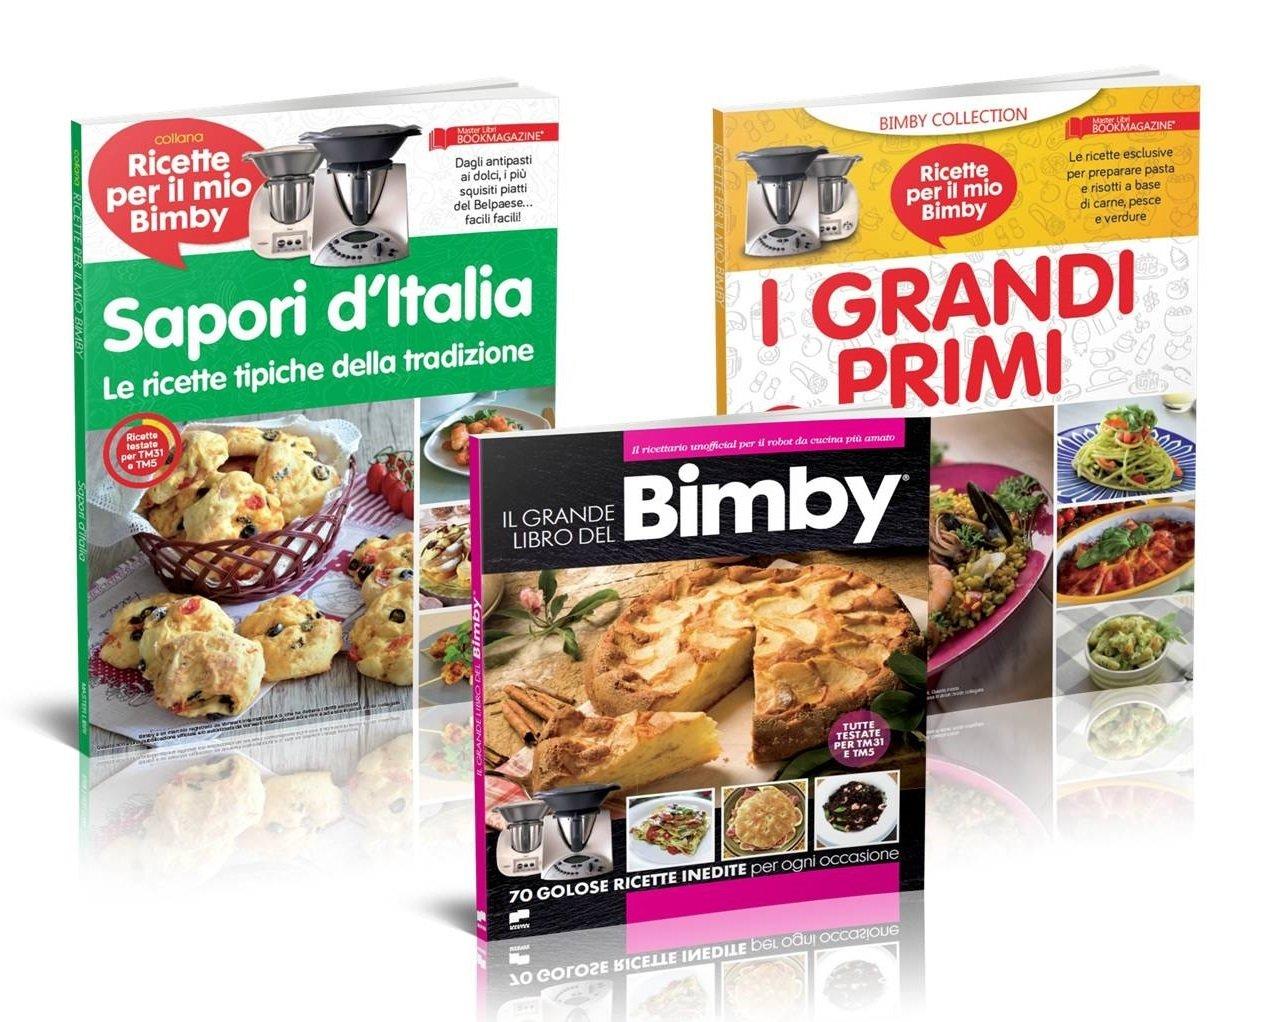 IL GRANDE LIBRO DEL BIMBY + I GRANDI PRIMI + SAPORI D'ITALIA